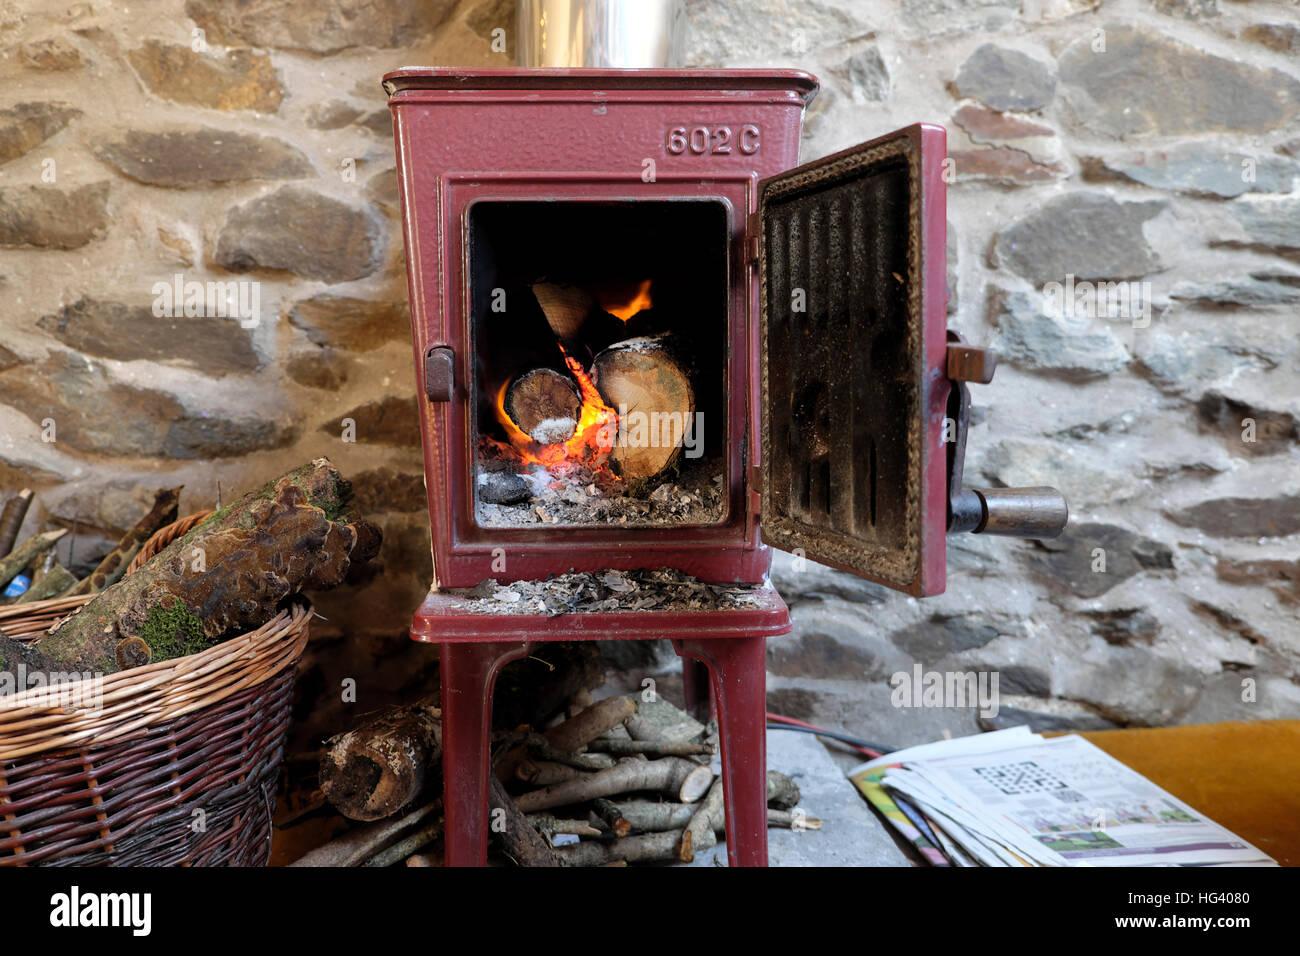 Alten Jotul 602C Kaminofen Mit Tür Offene Protokolle Brennende Feuer  Flammen In Einer Steinhütte In